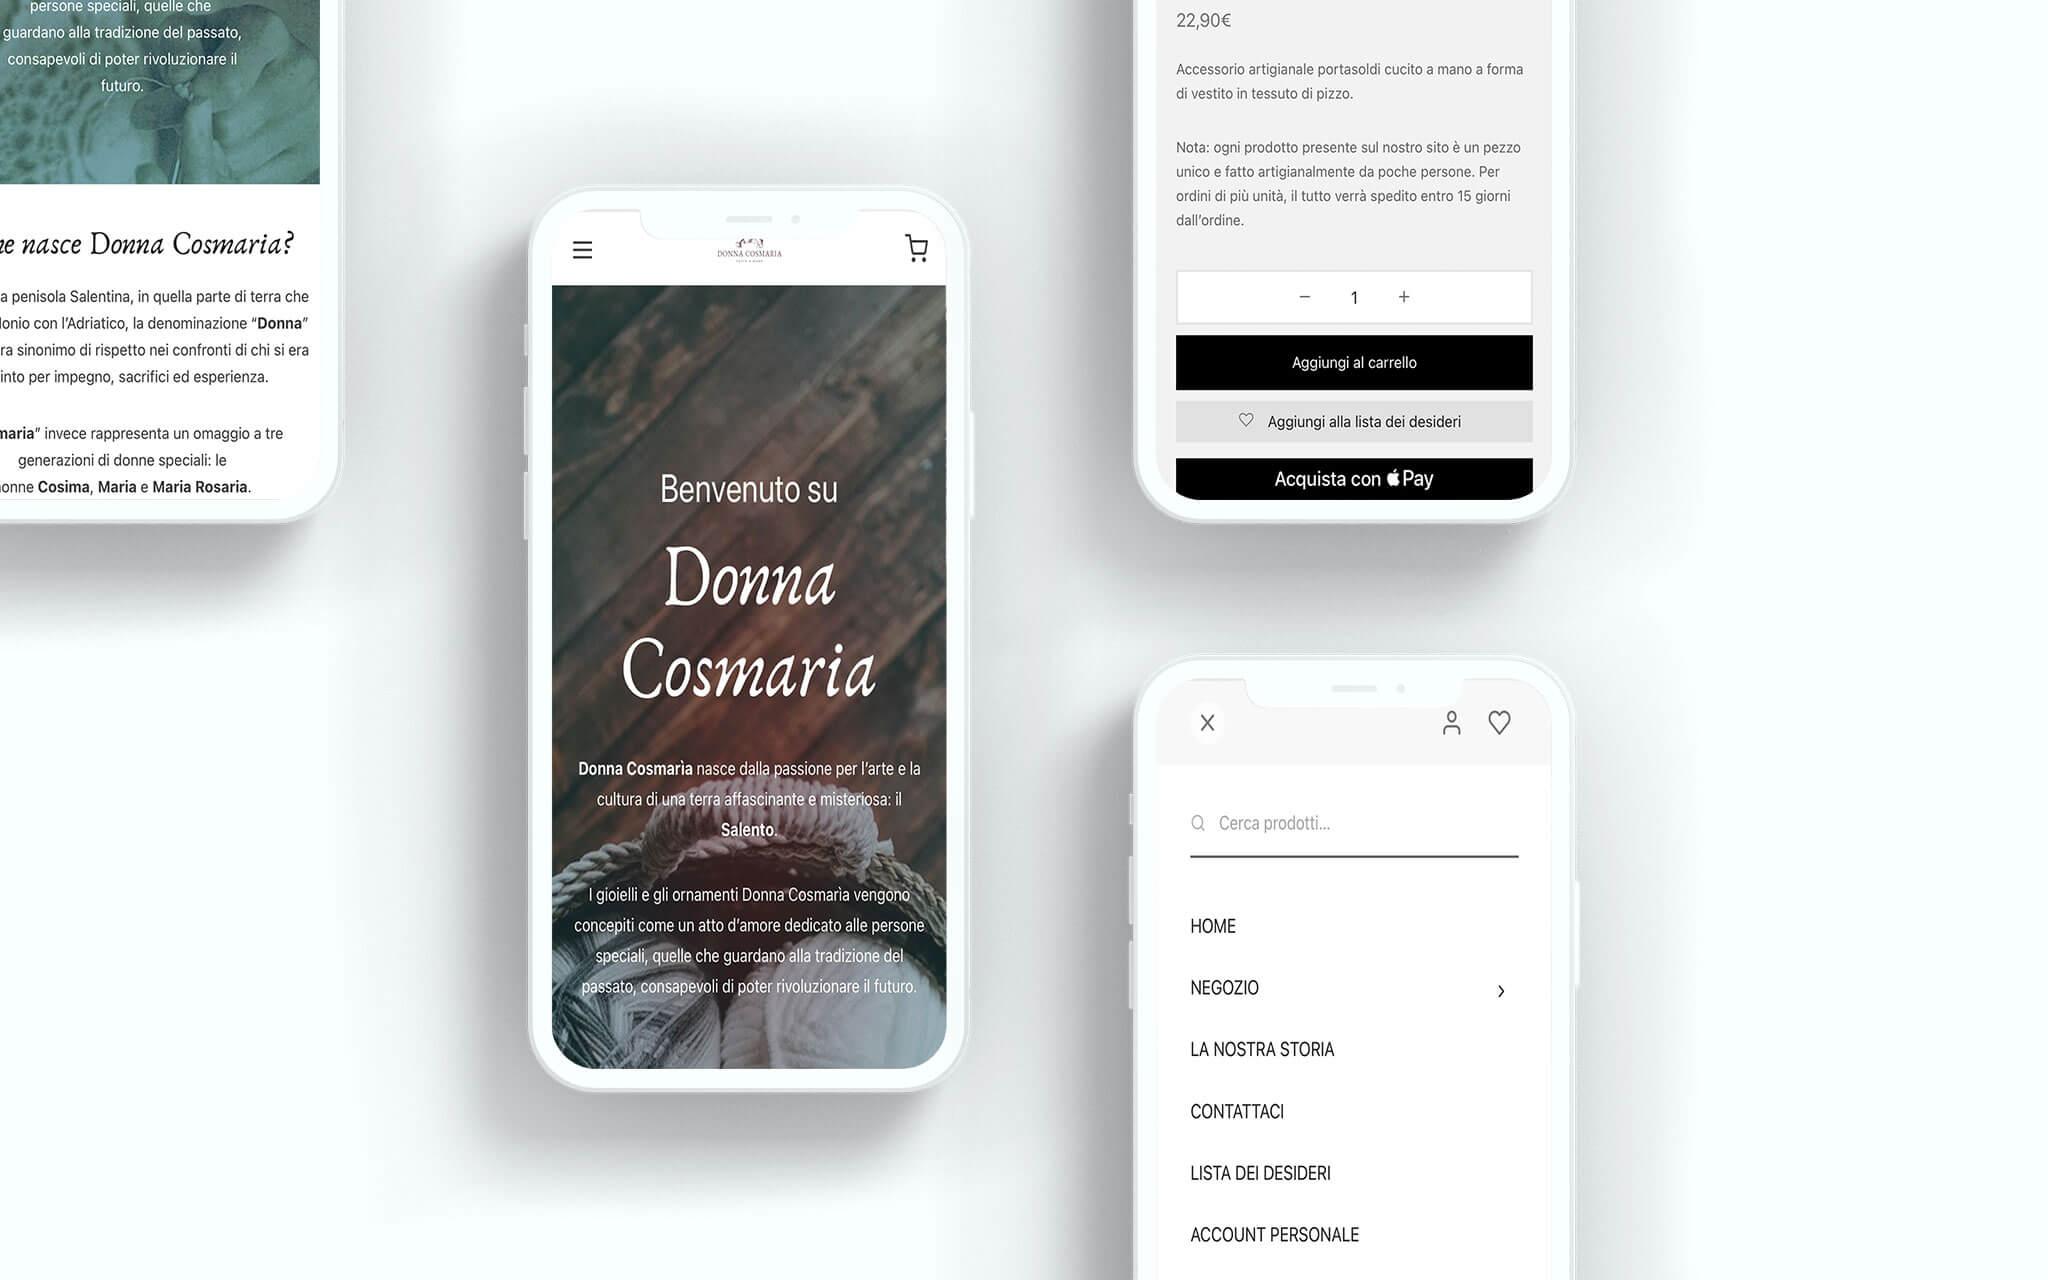 donna-cosmaria-ecommerce-project-andiamo-live-mobile